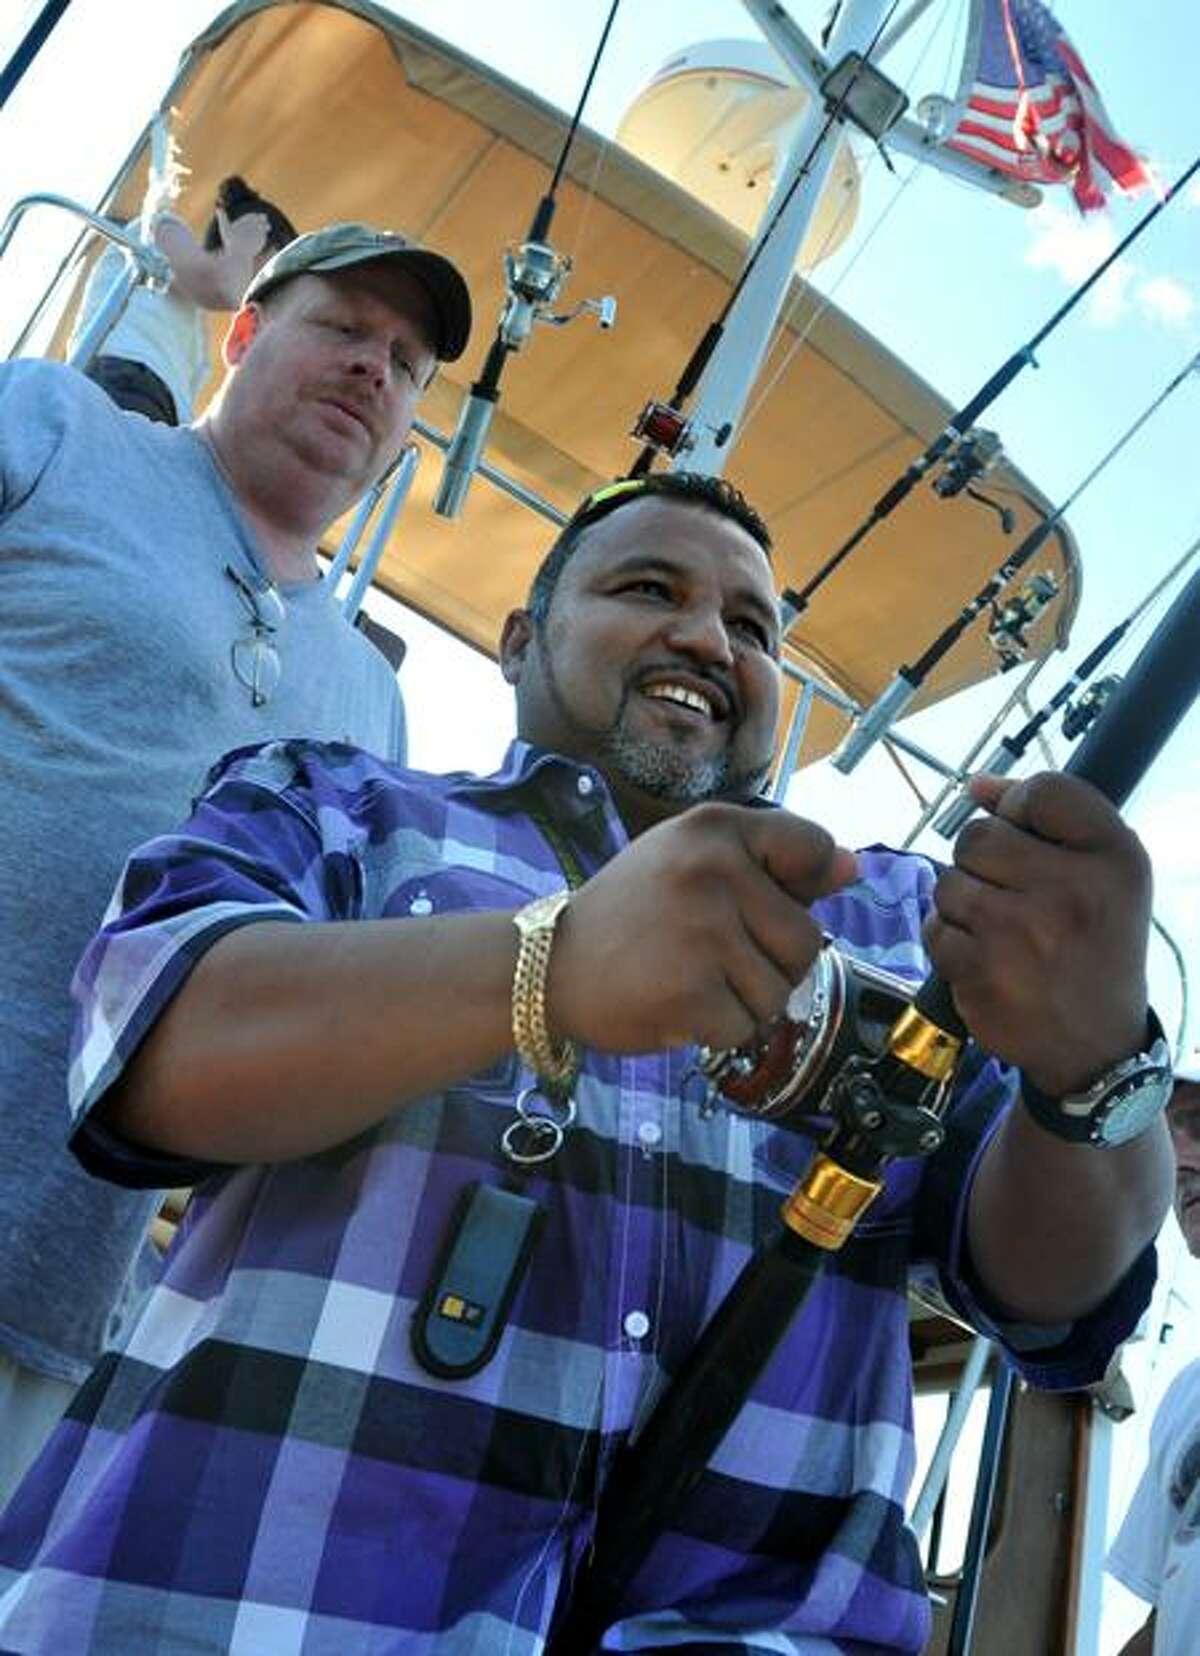 Gulf War Army veteran Melvin Morales reels one in. (Brad Horrigan/Register)